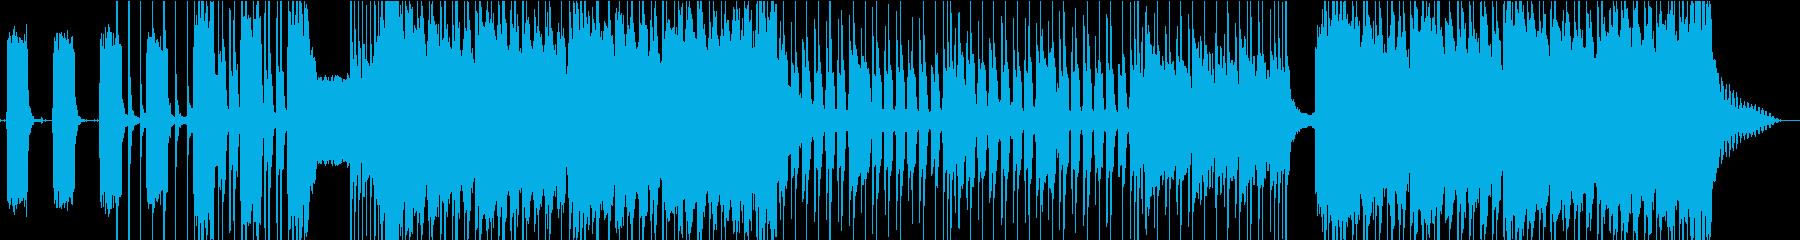 ブルース ドラマチック 野生 エレ...の再生済みの波形